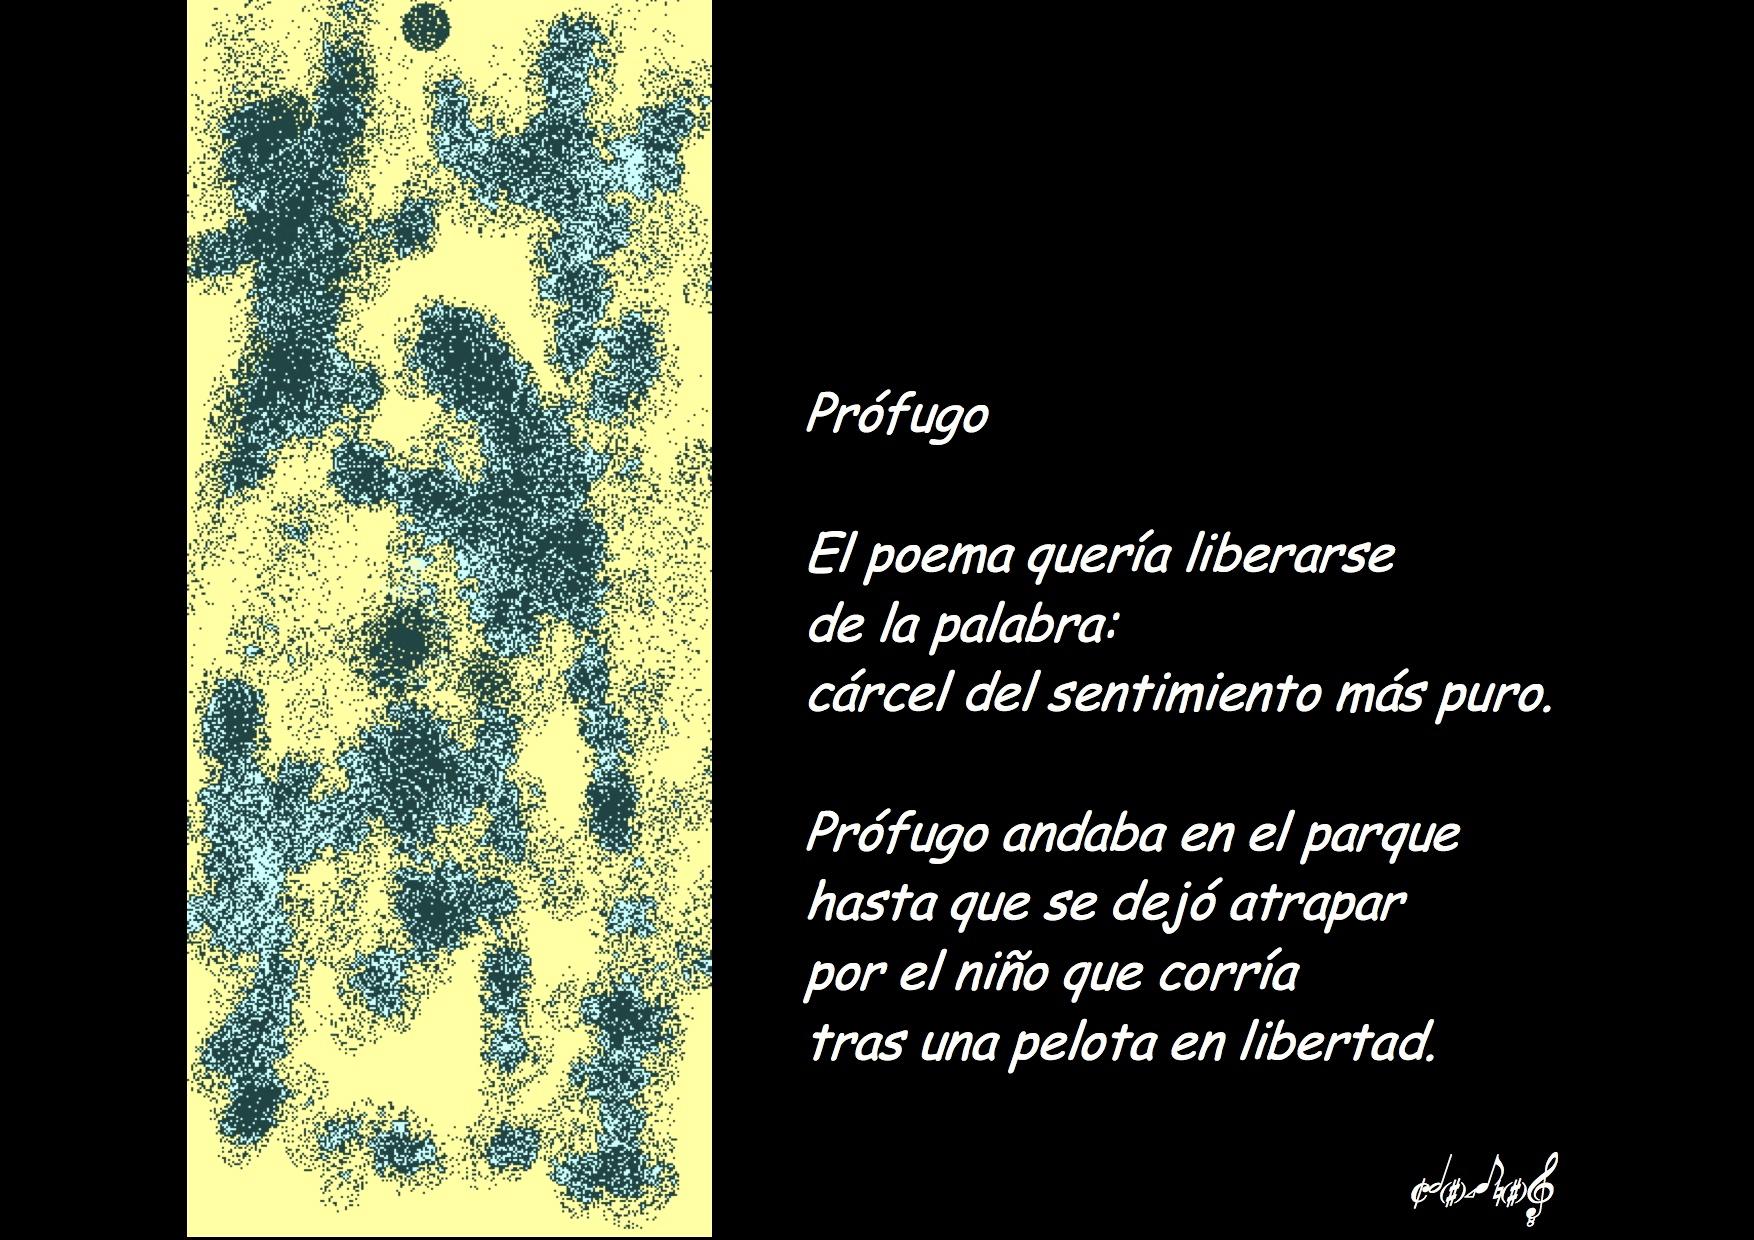 POEMAS_PINTURAS_poema profugo de_Chalena